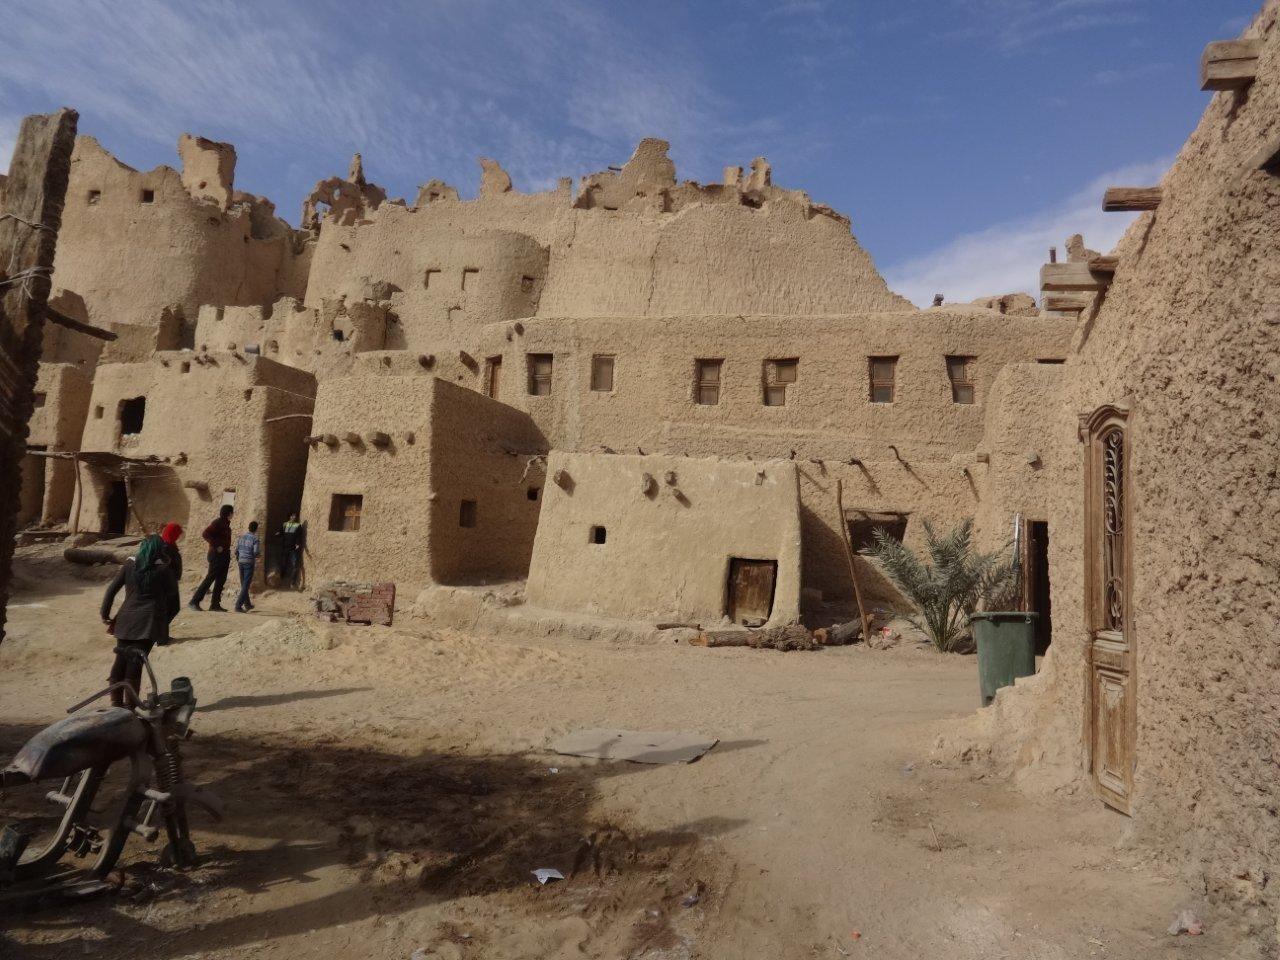 ترميم قلعة سيوة في مصر لتشجيع السياحة البيئية